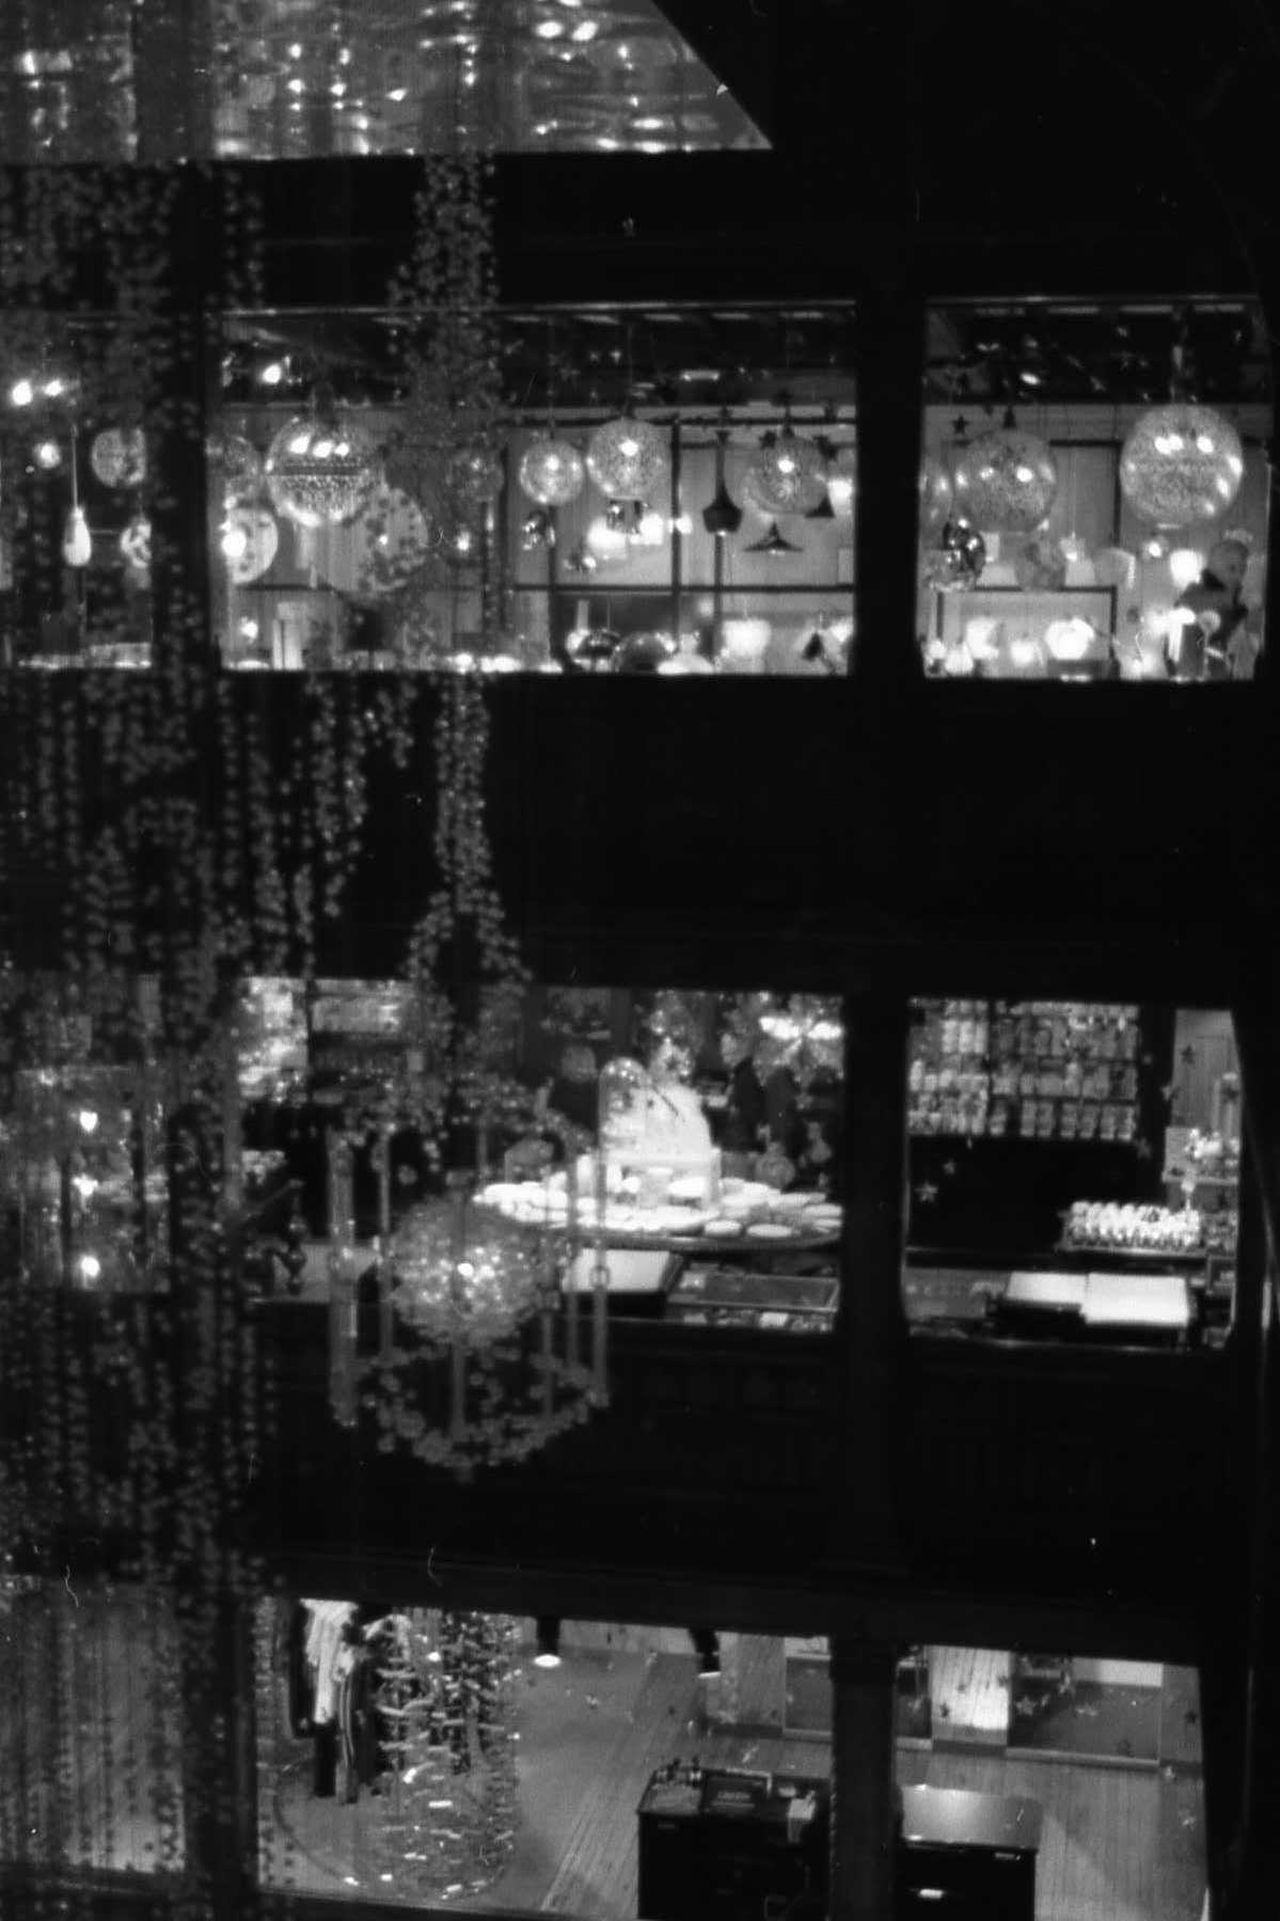 Back Light Black And White Chandelier Chandelier Light Contre-jour Contre-jour Shot Department Store Grand Magasin Liberty Lustre Noir Et Blanc